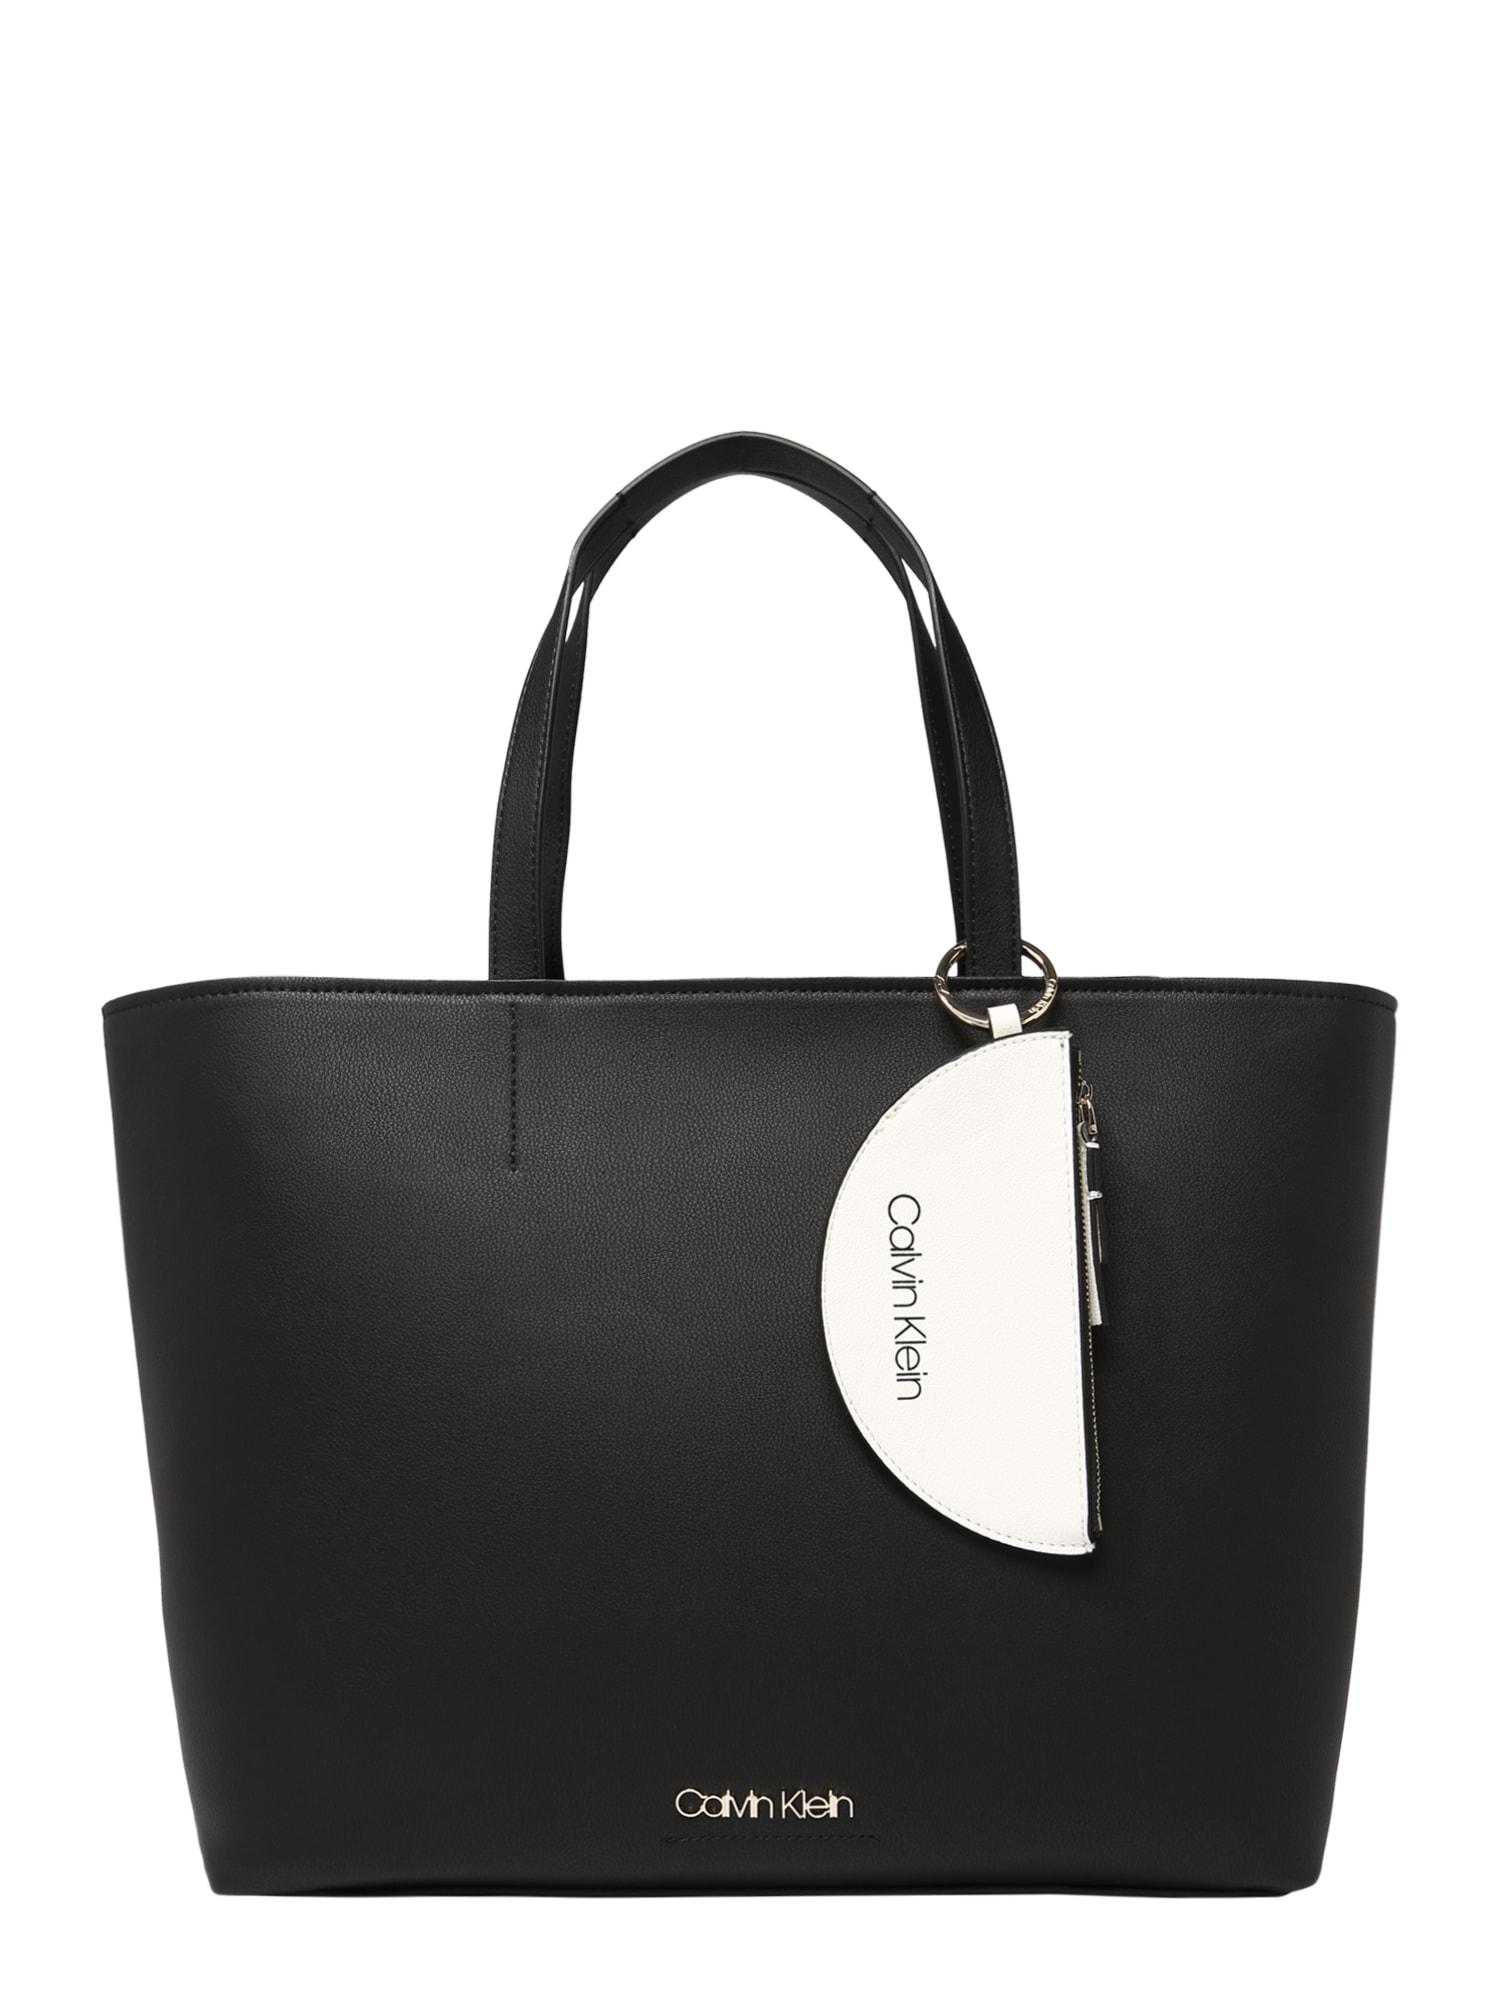 Kabelka Ck Must černá Calvin Klein